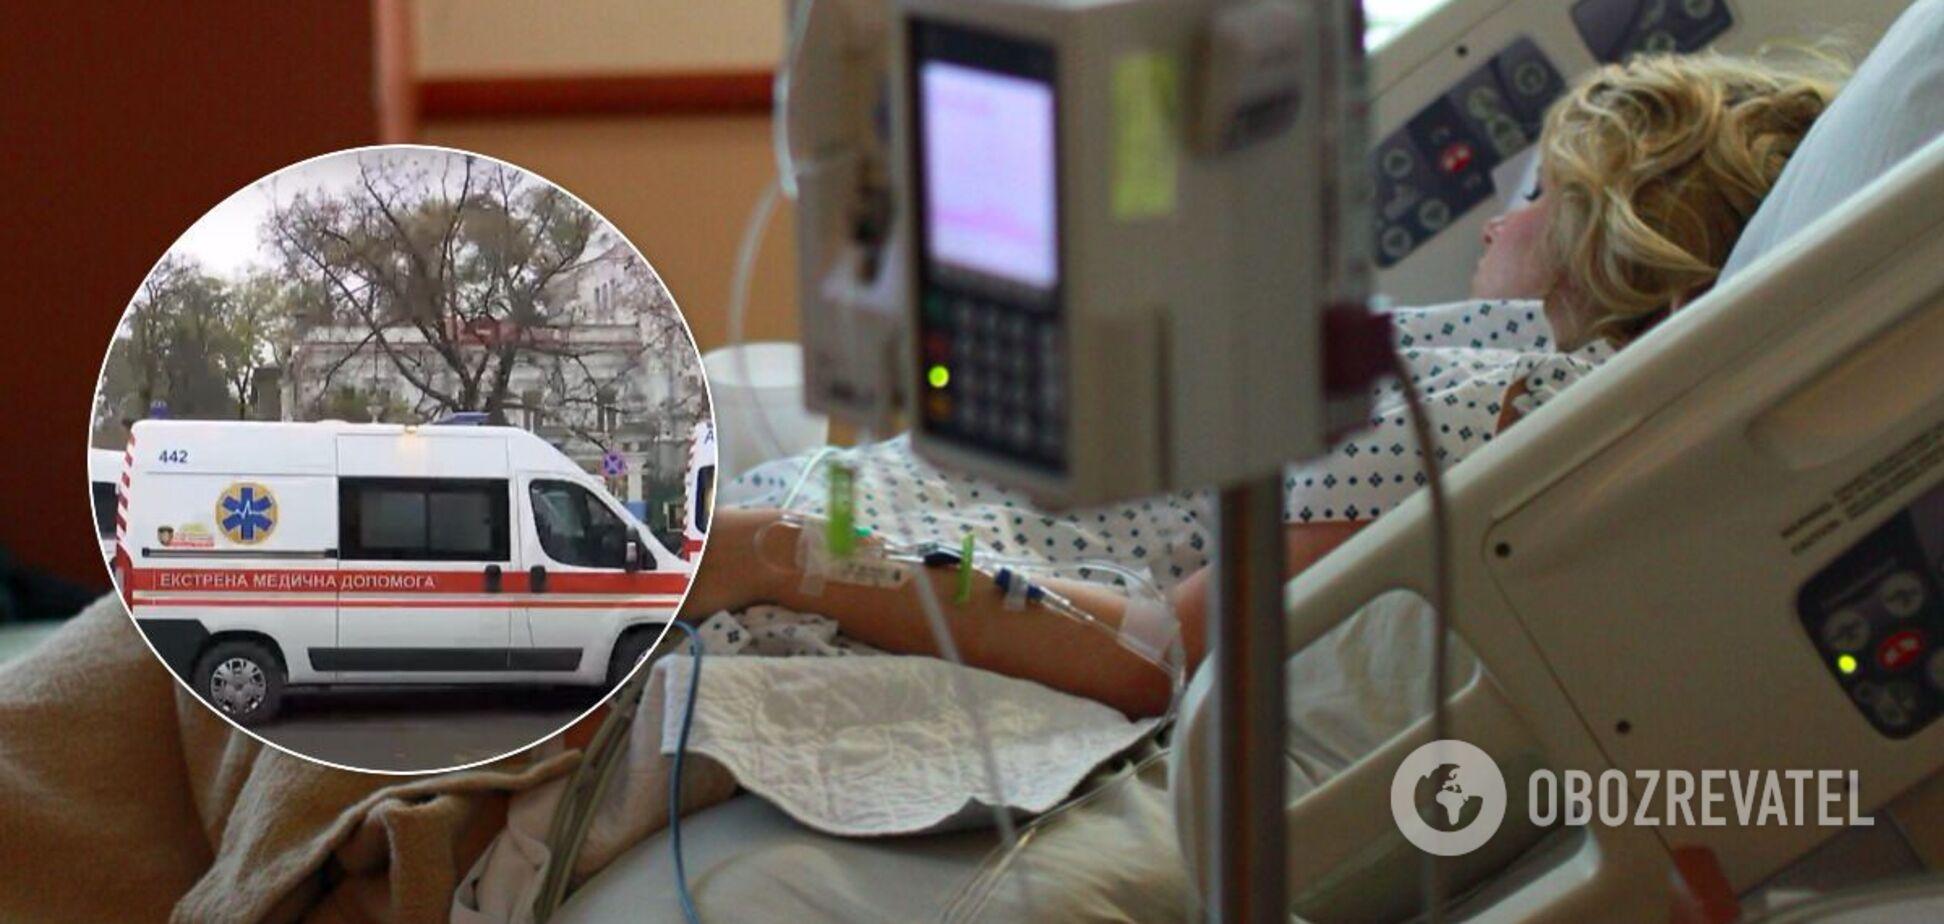 В одесской больнице сложилась критическая ситуация из-за нехватки кислорода